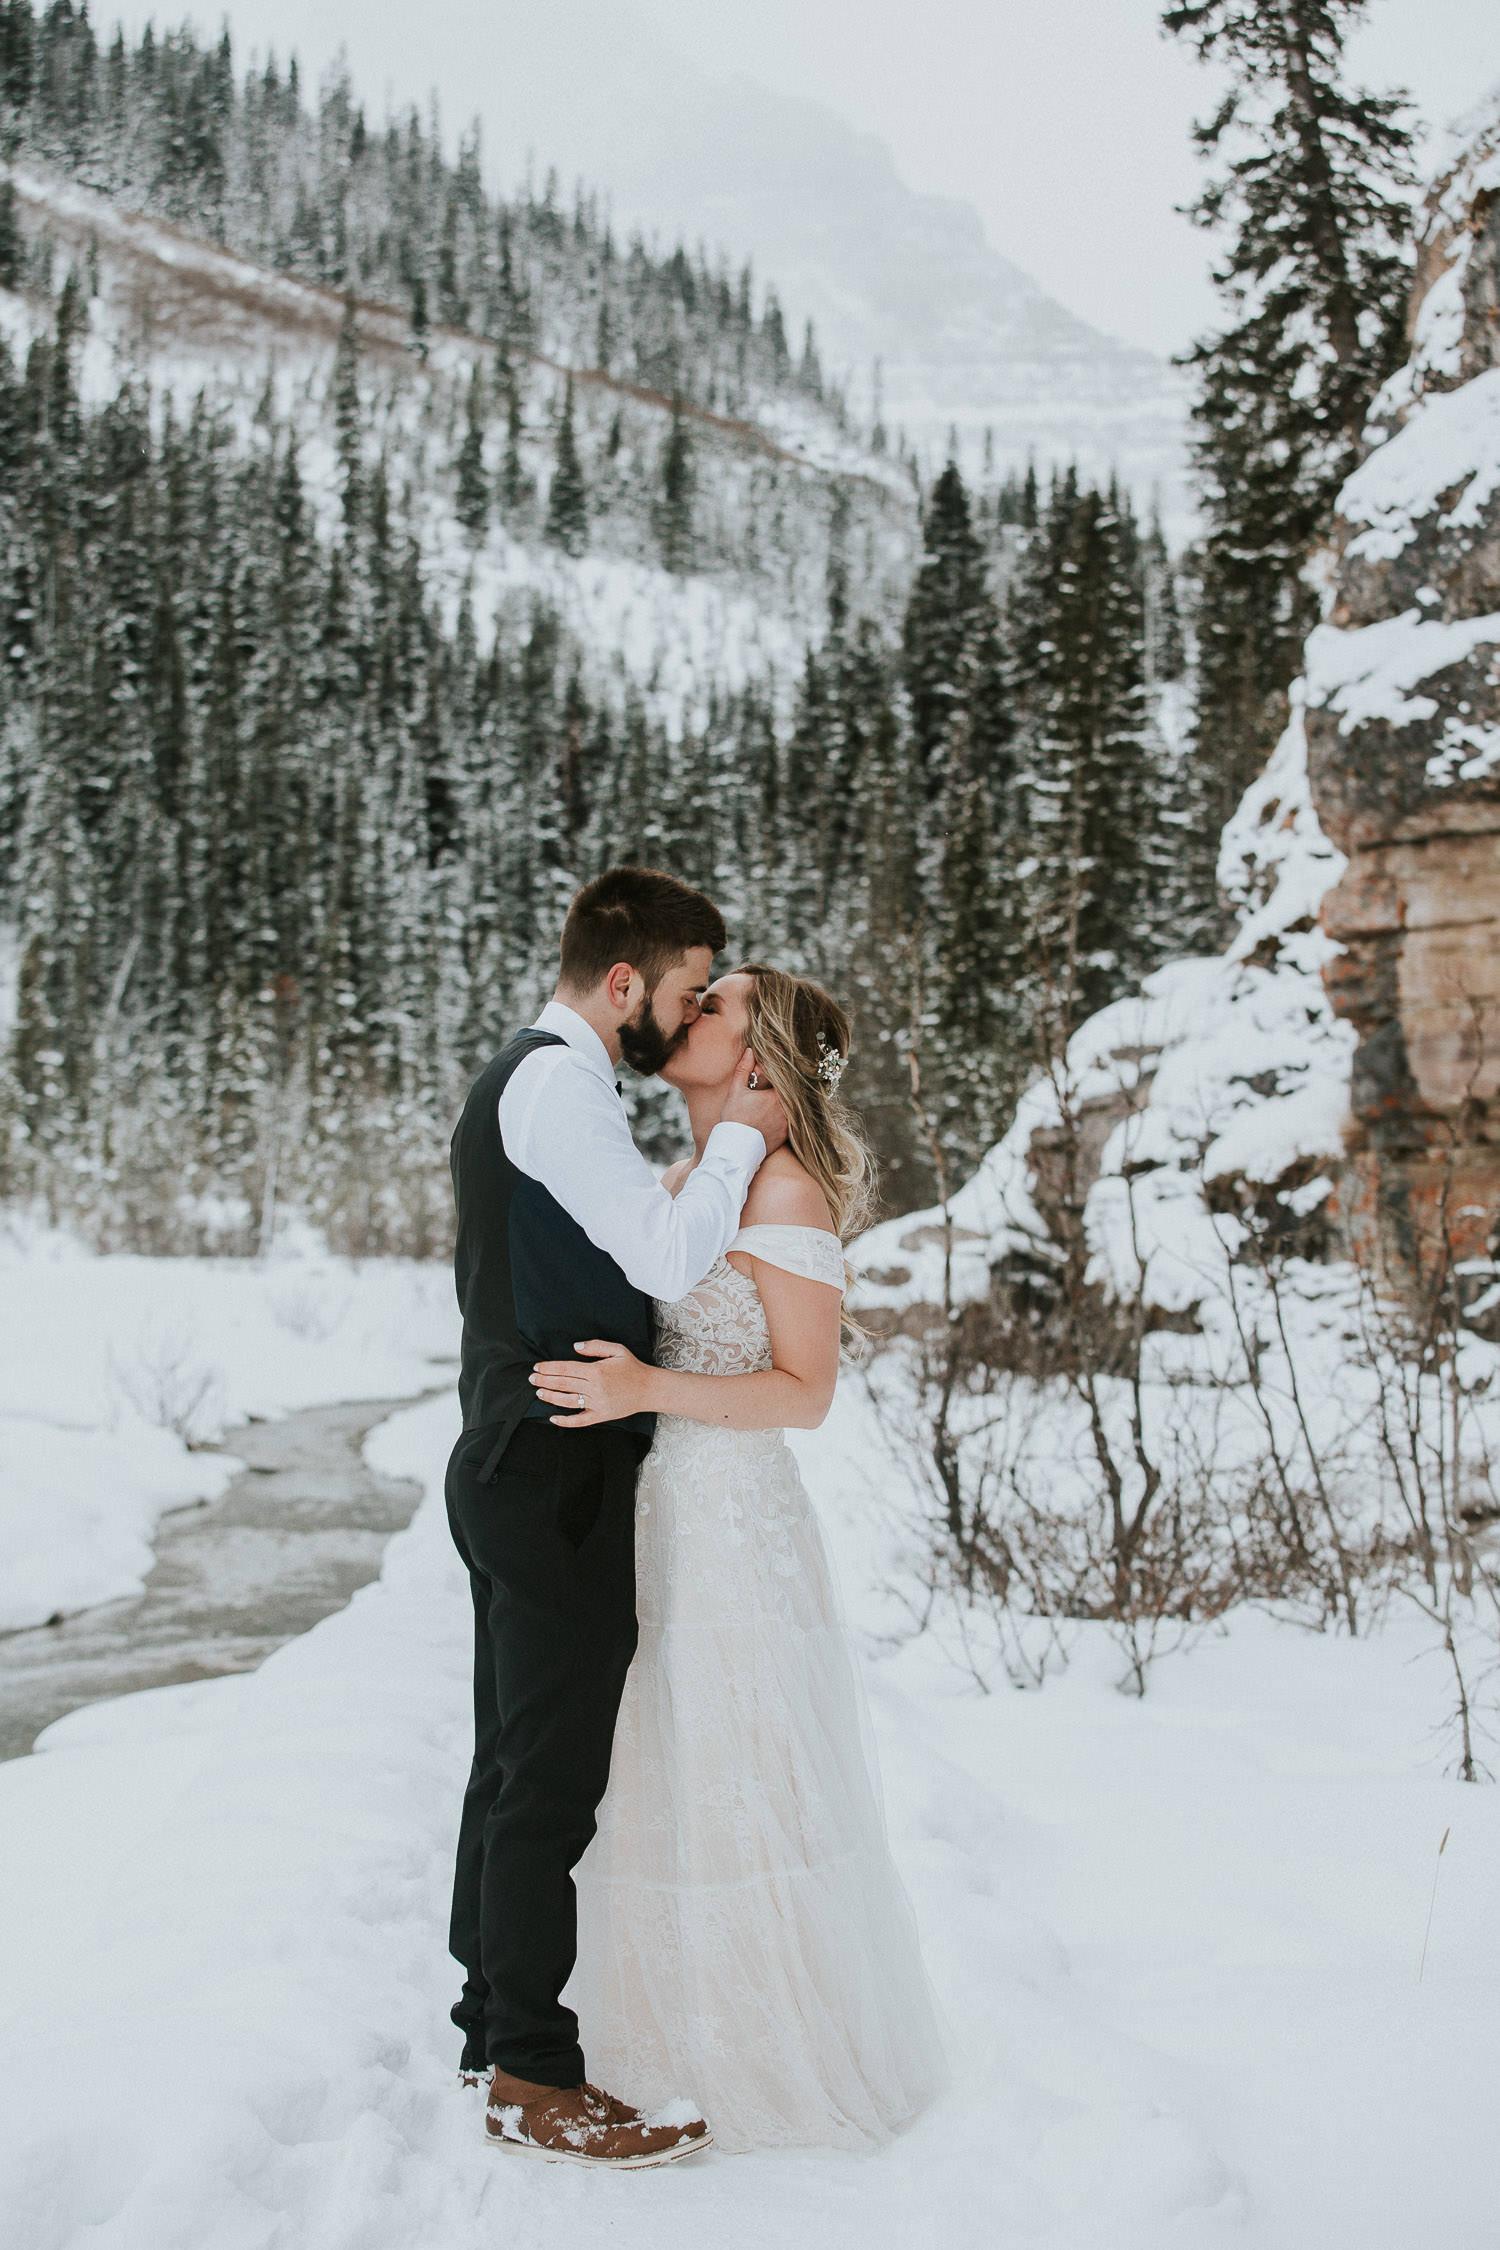 canadian-rocky-mountain-elopement-photographers-sarah-pukin-0011